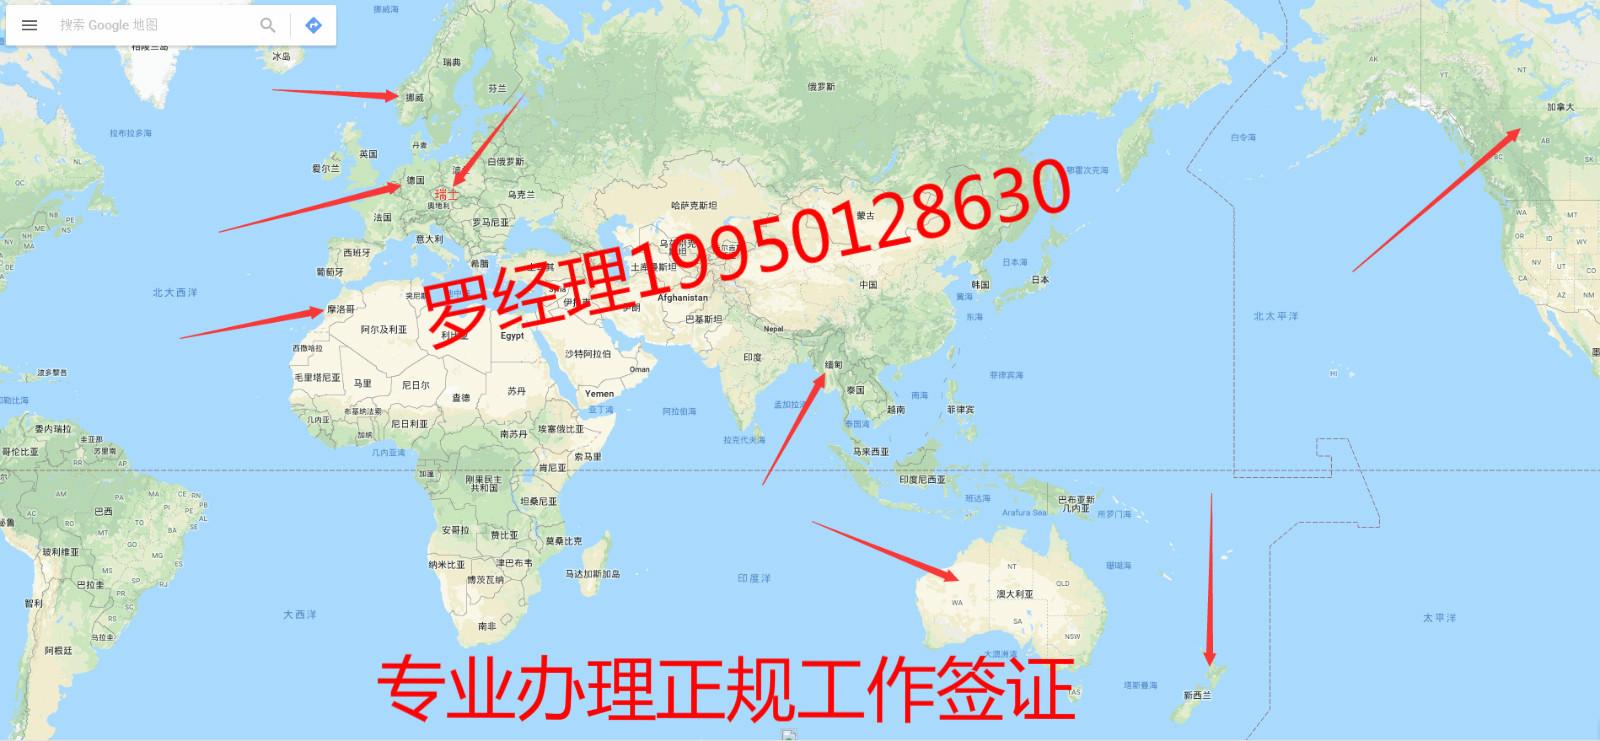 国外打工油漆工报名中劳务输出(江西新闻)